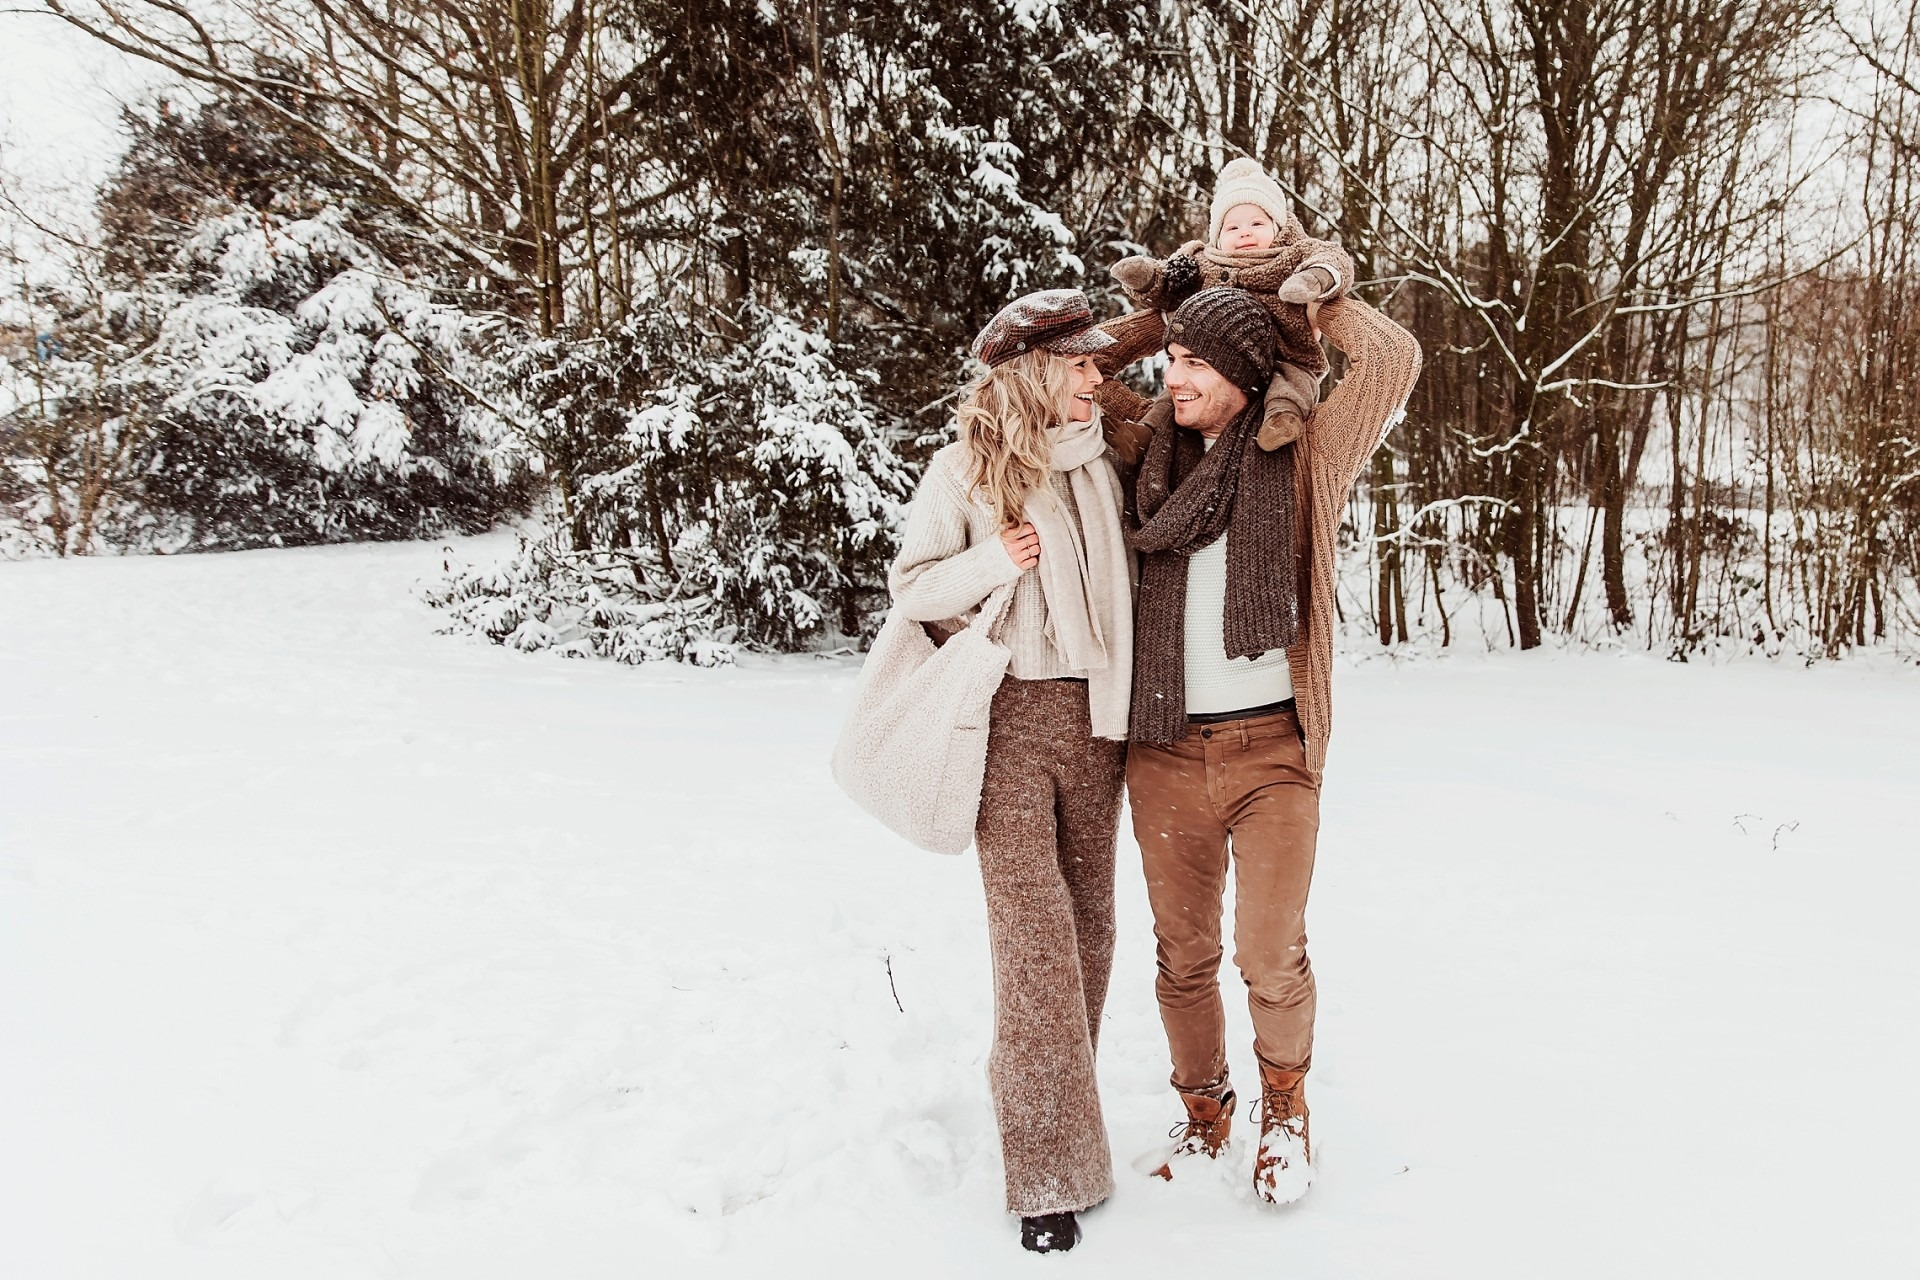 Fotoshoot in de sneeuw, Wijchen. Elainefotografie